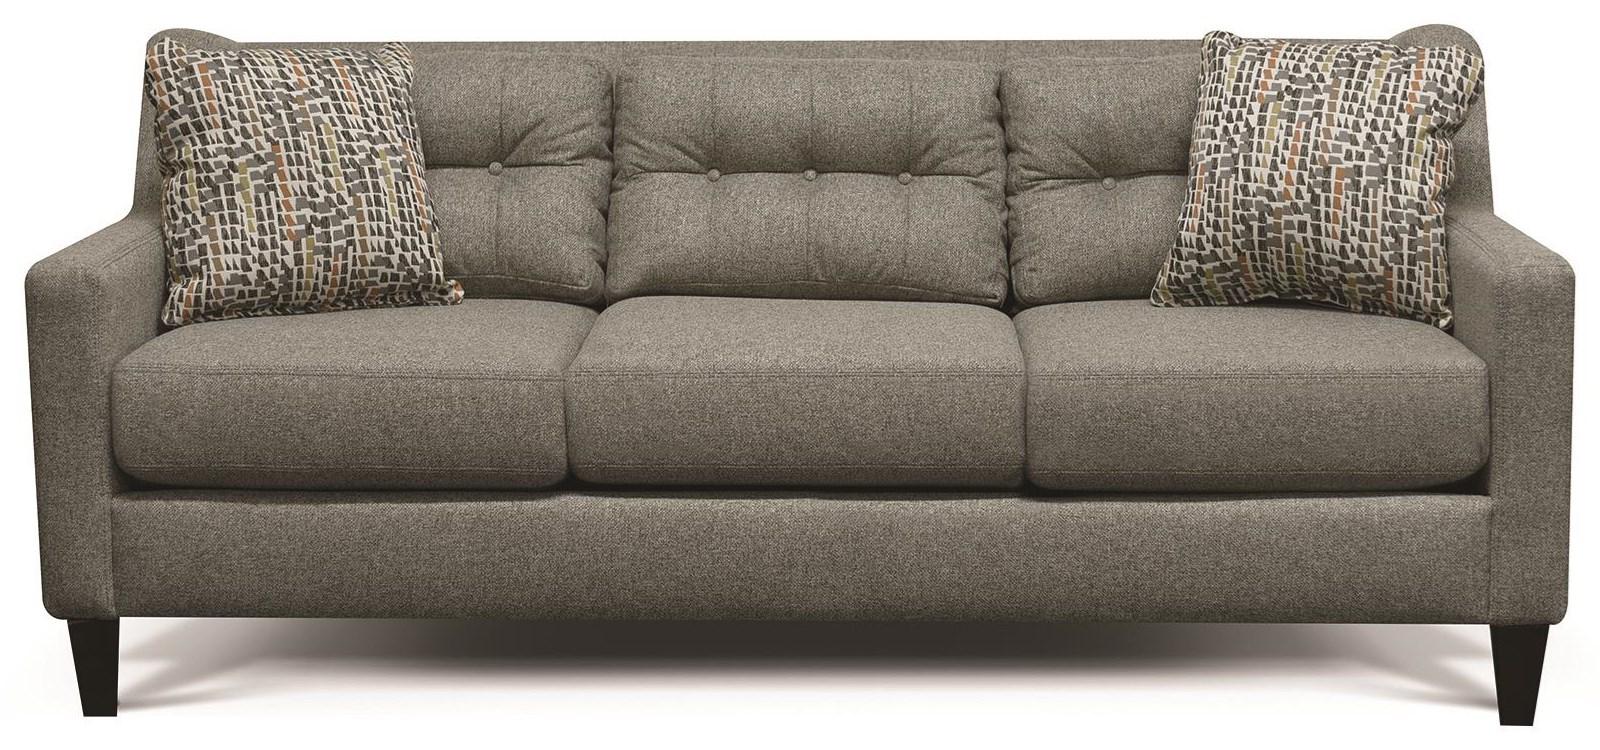 Tufted Back Sofa